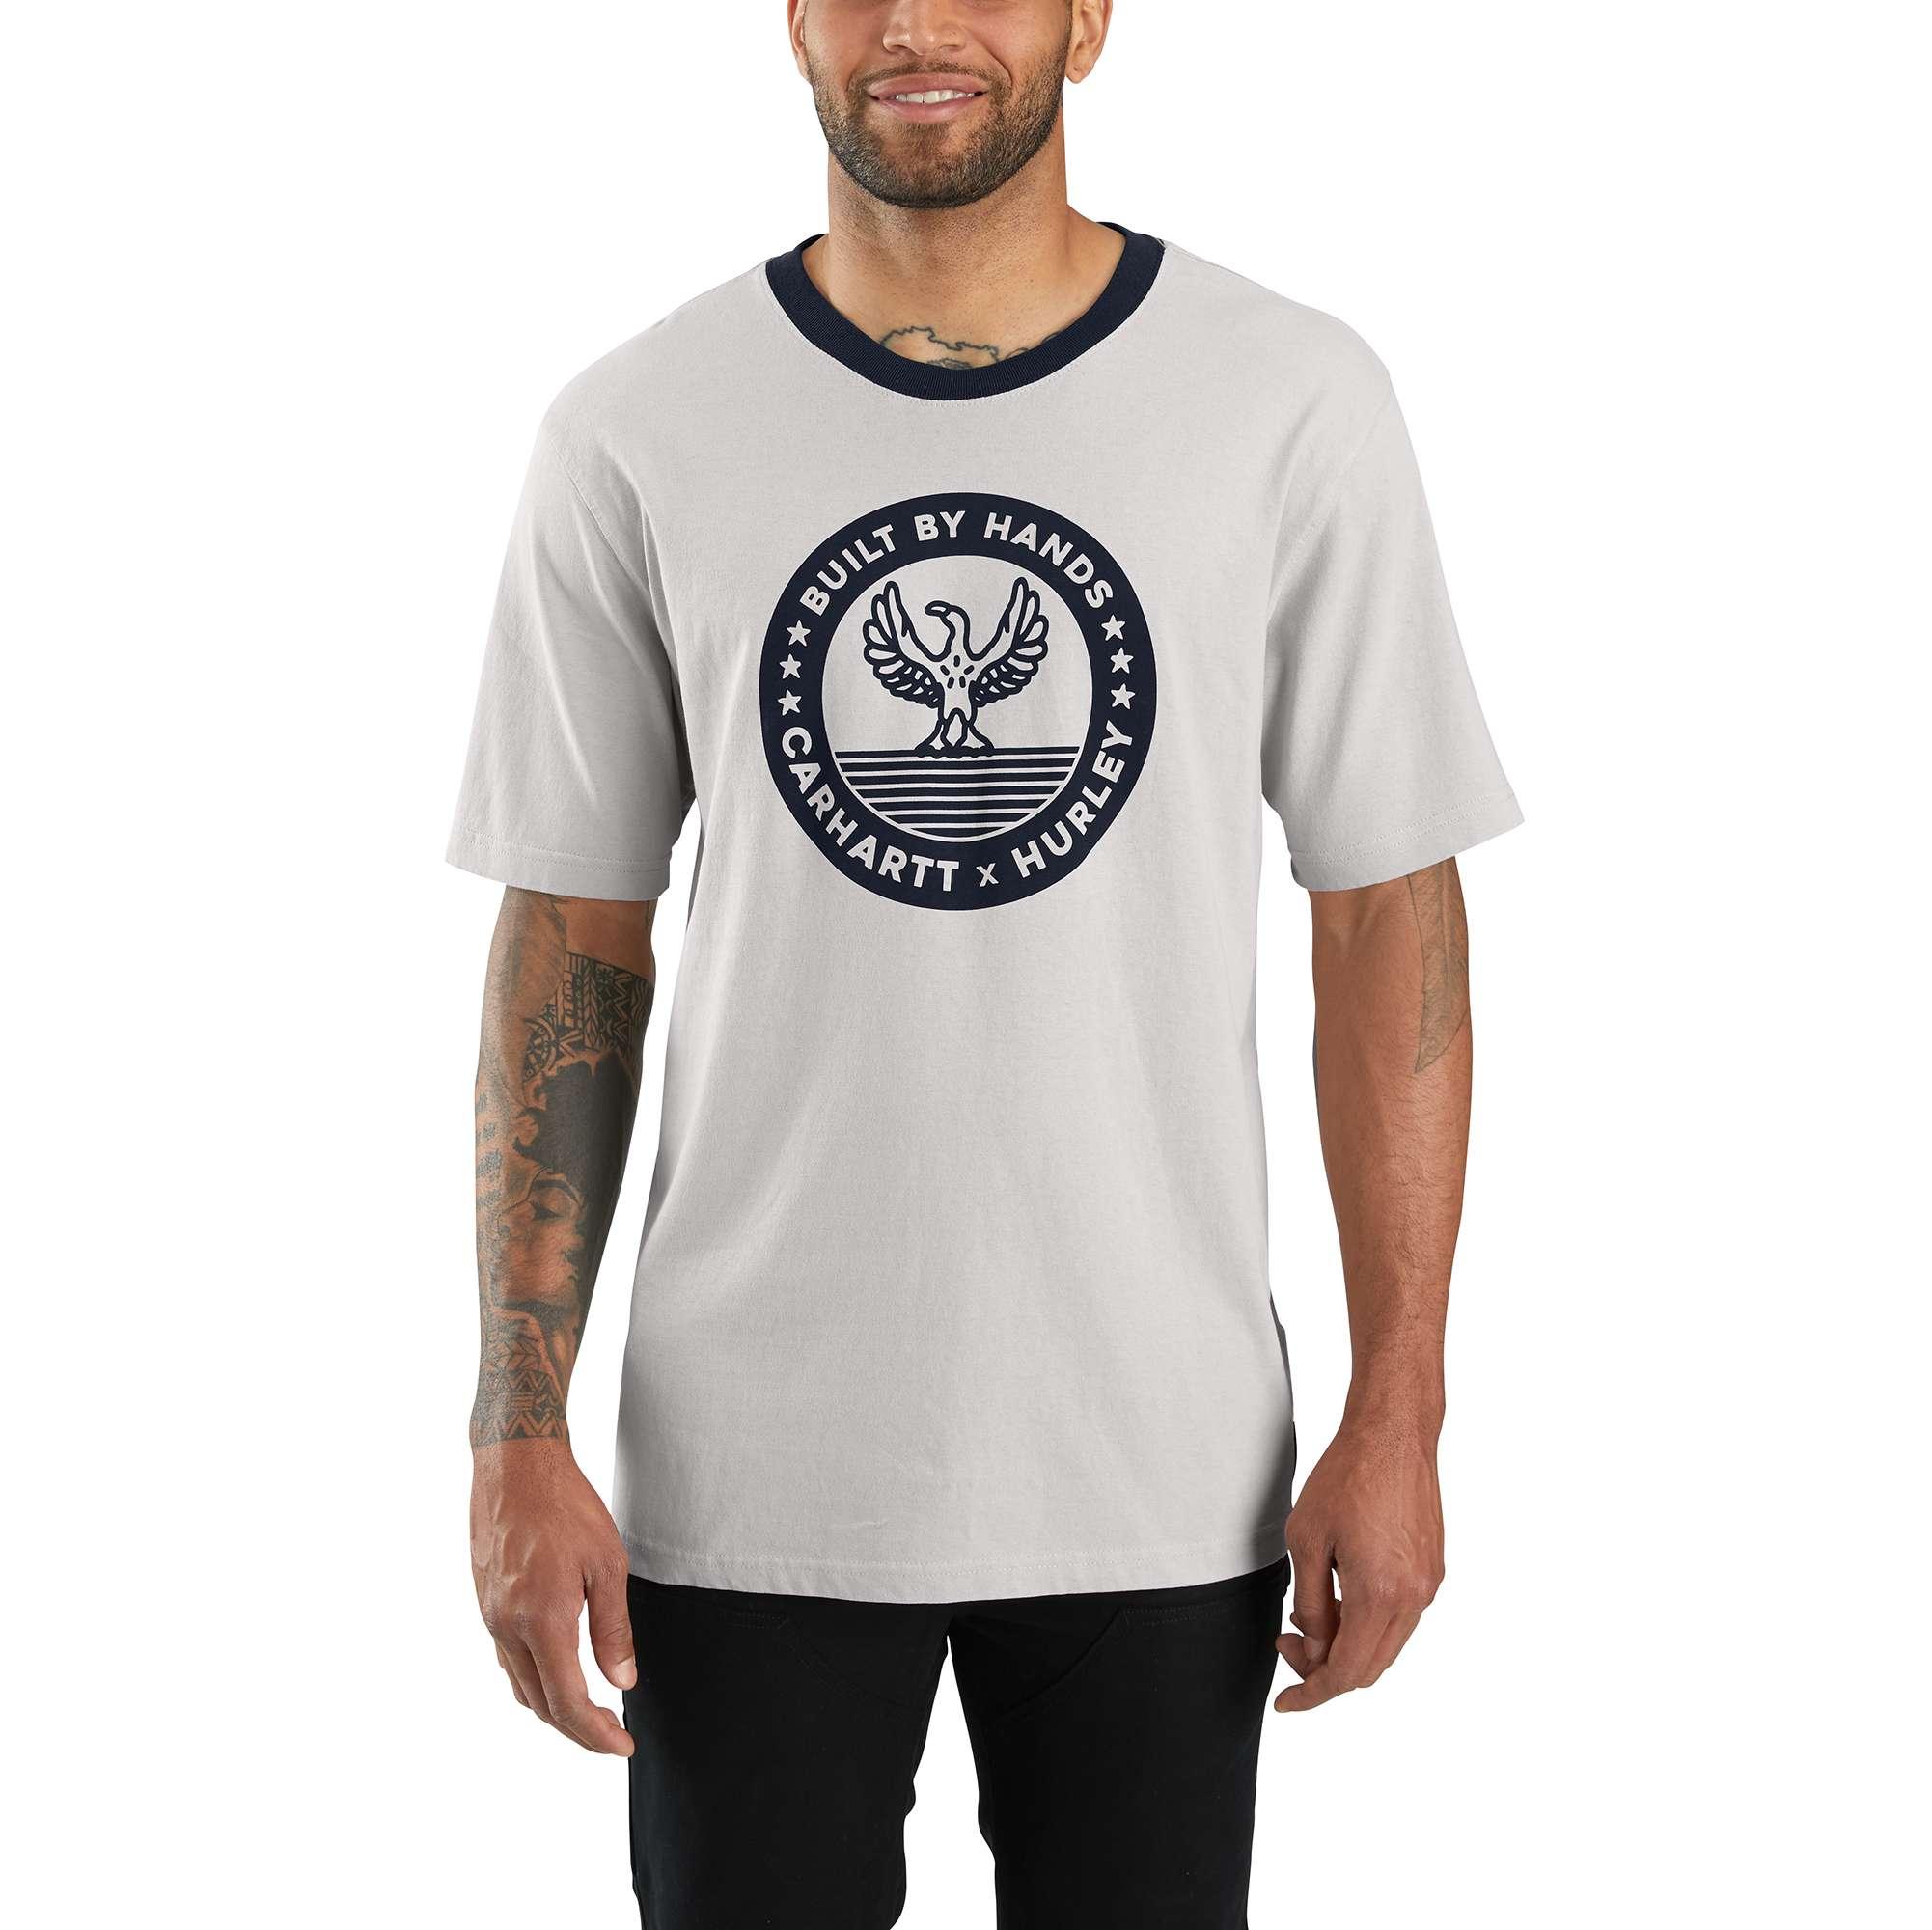 Carhartt Hurley x Carhartt Men's Ringer Short-Sleeve T-shirt